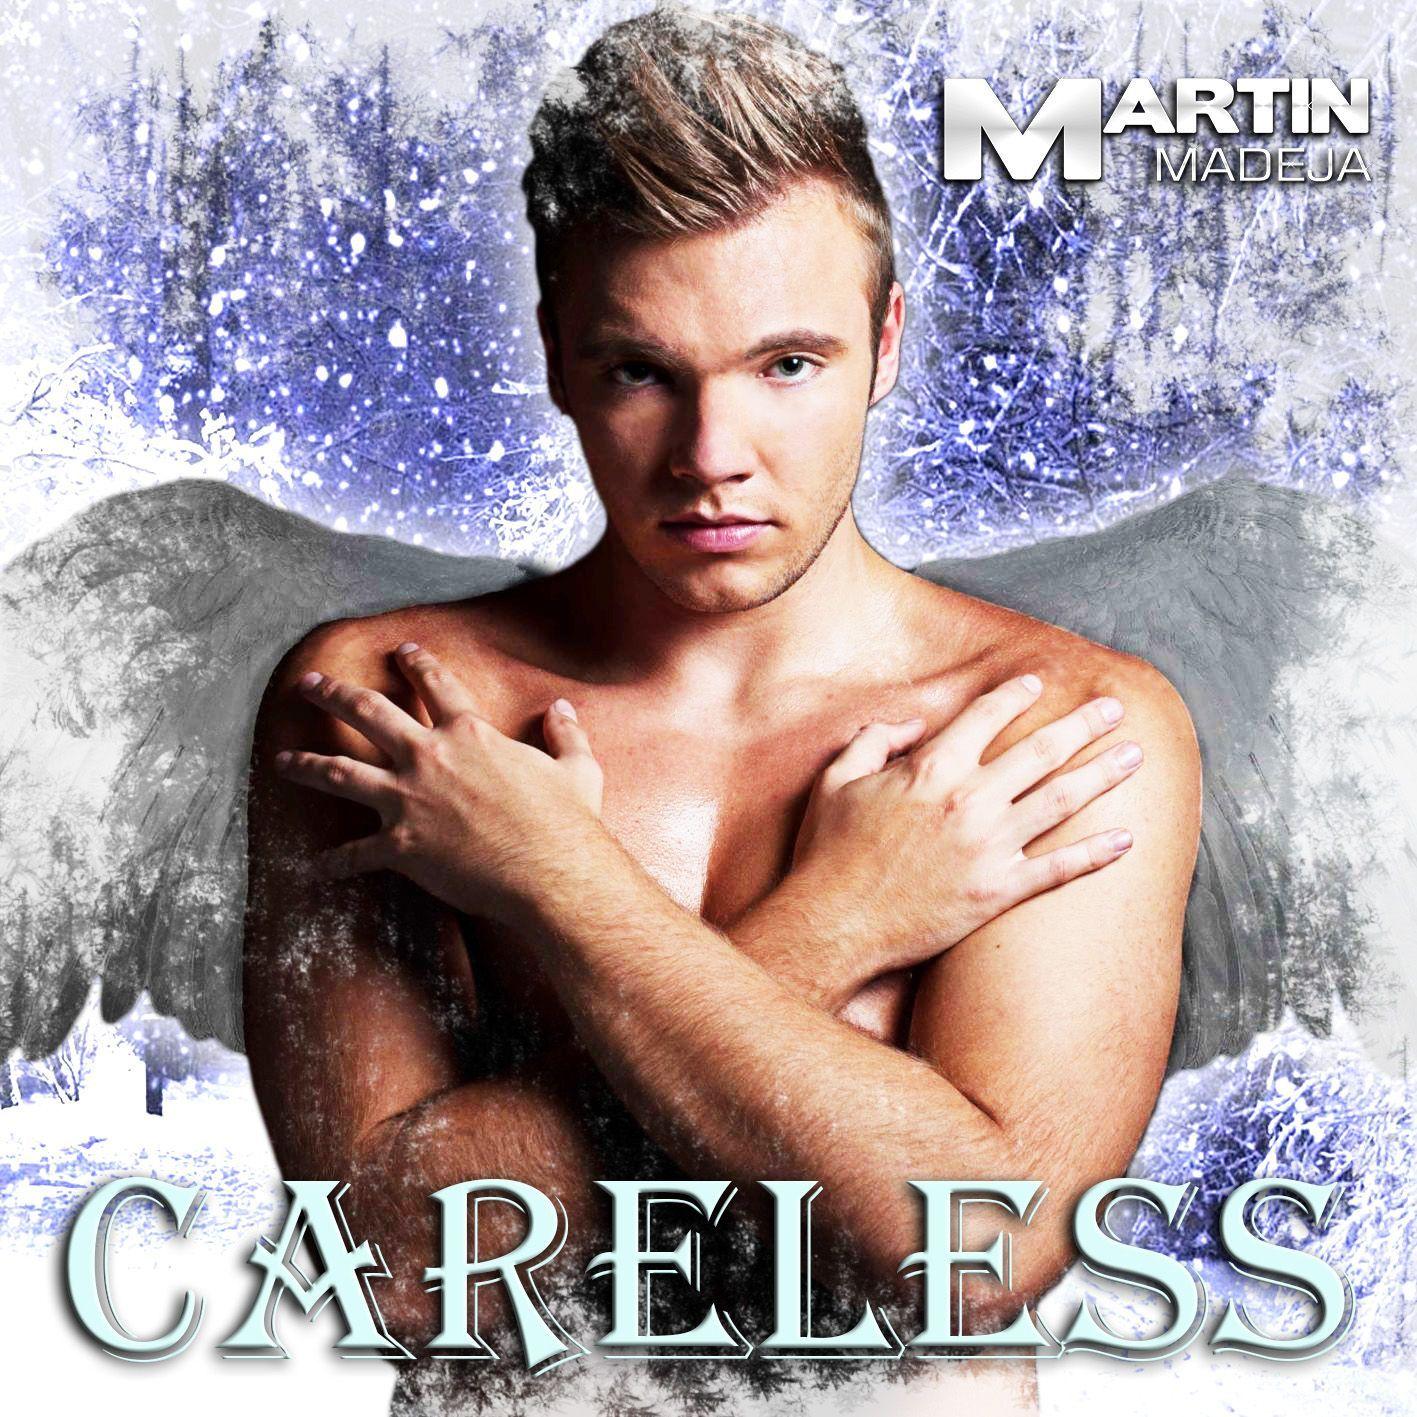 Mit seiner neuen Single CARELESS läutet Martin Madeja nun die Weihnachtszeit ein.